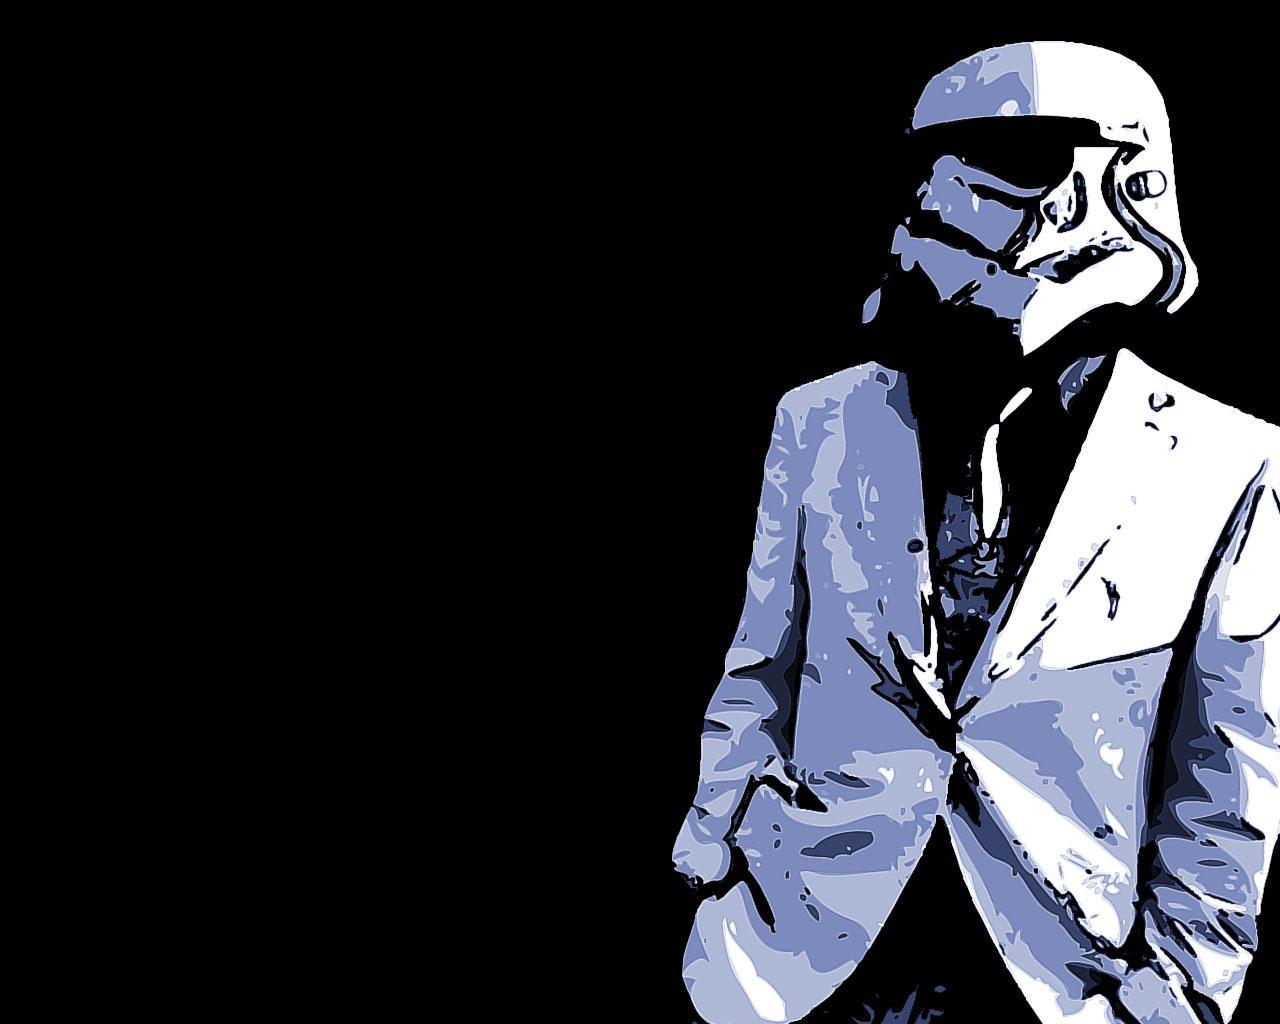 Star Wars Wallpaper 1280x1024 Star Wars 1280x1024